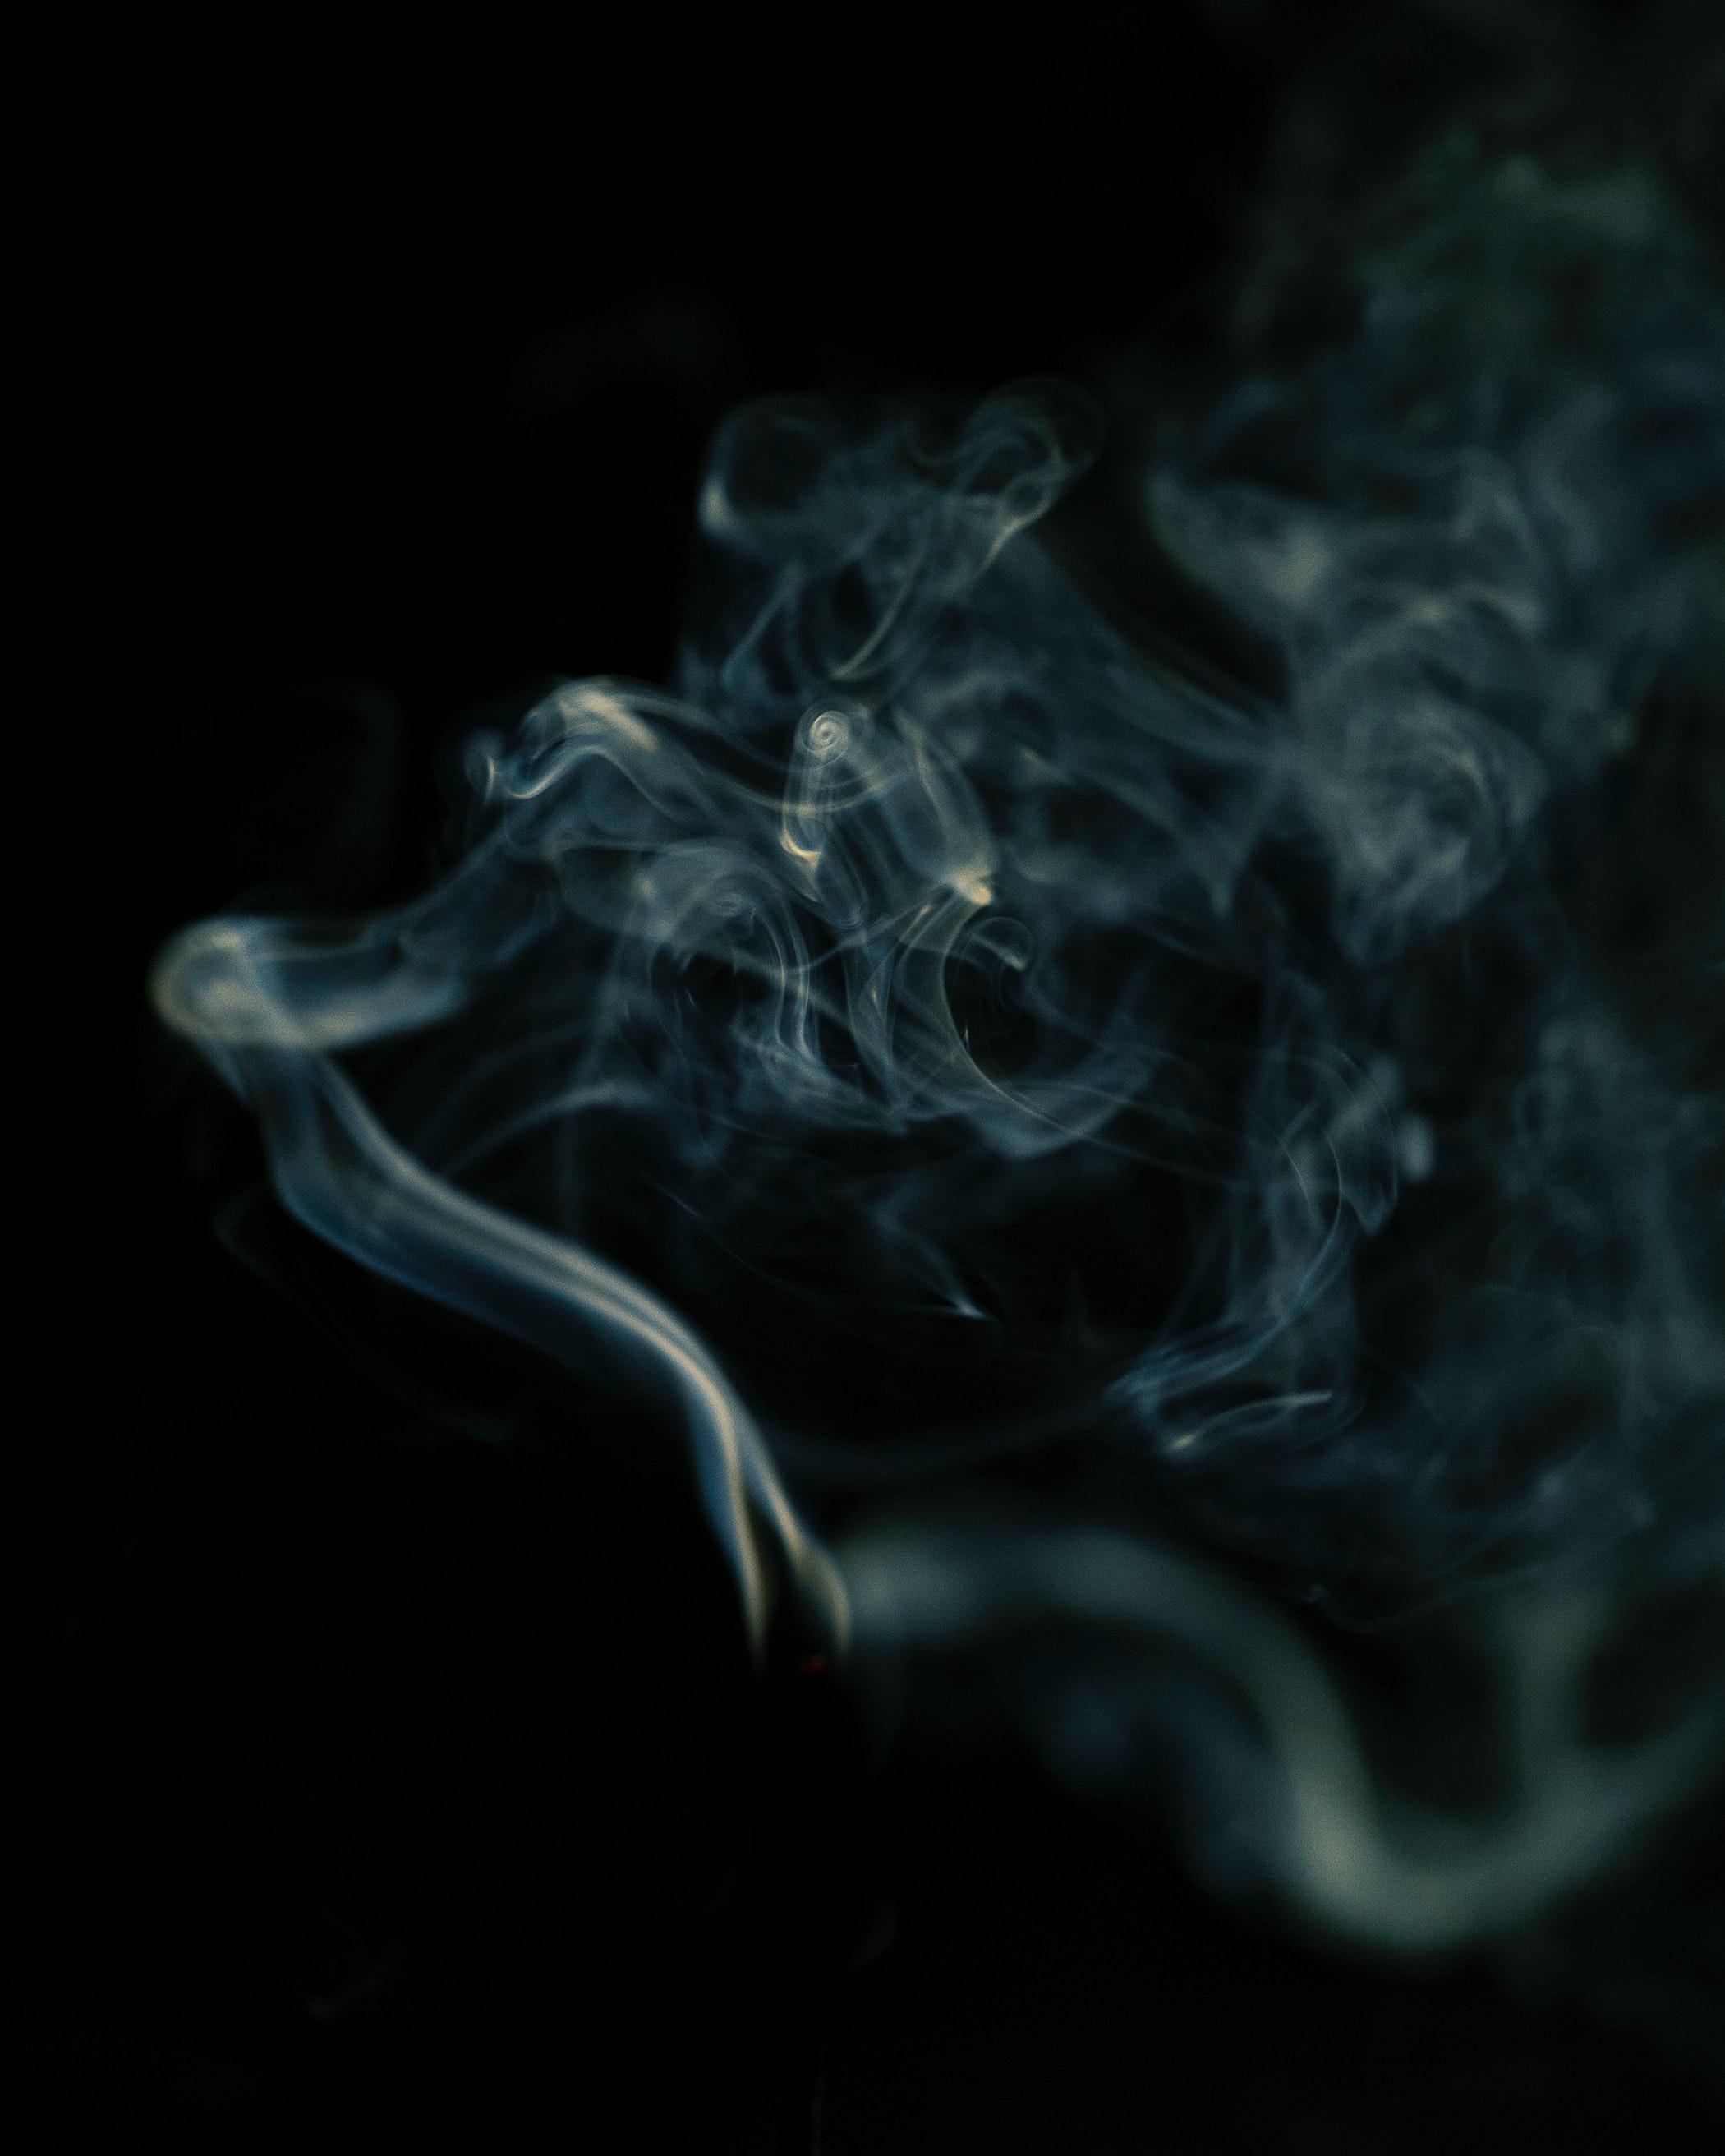 137486 Заставки и Обои Дым на телефон. Скачать Дым, Абстракция, Темный, Облако картинки бесплатно